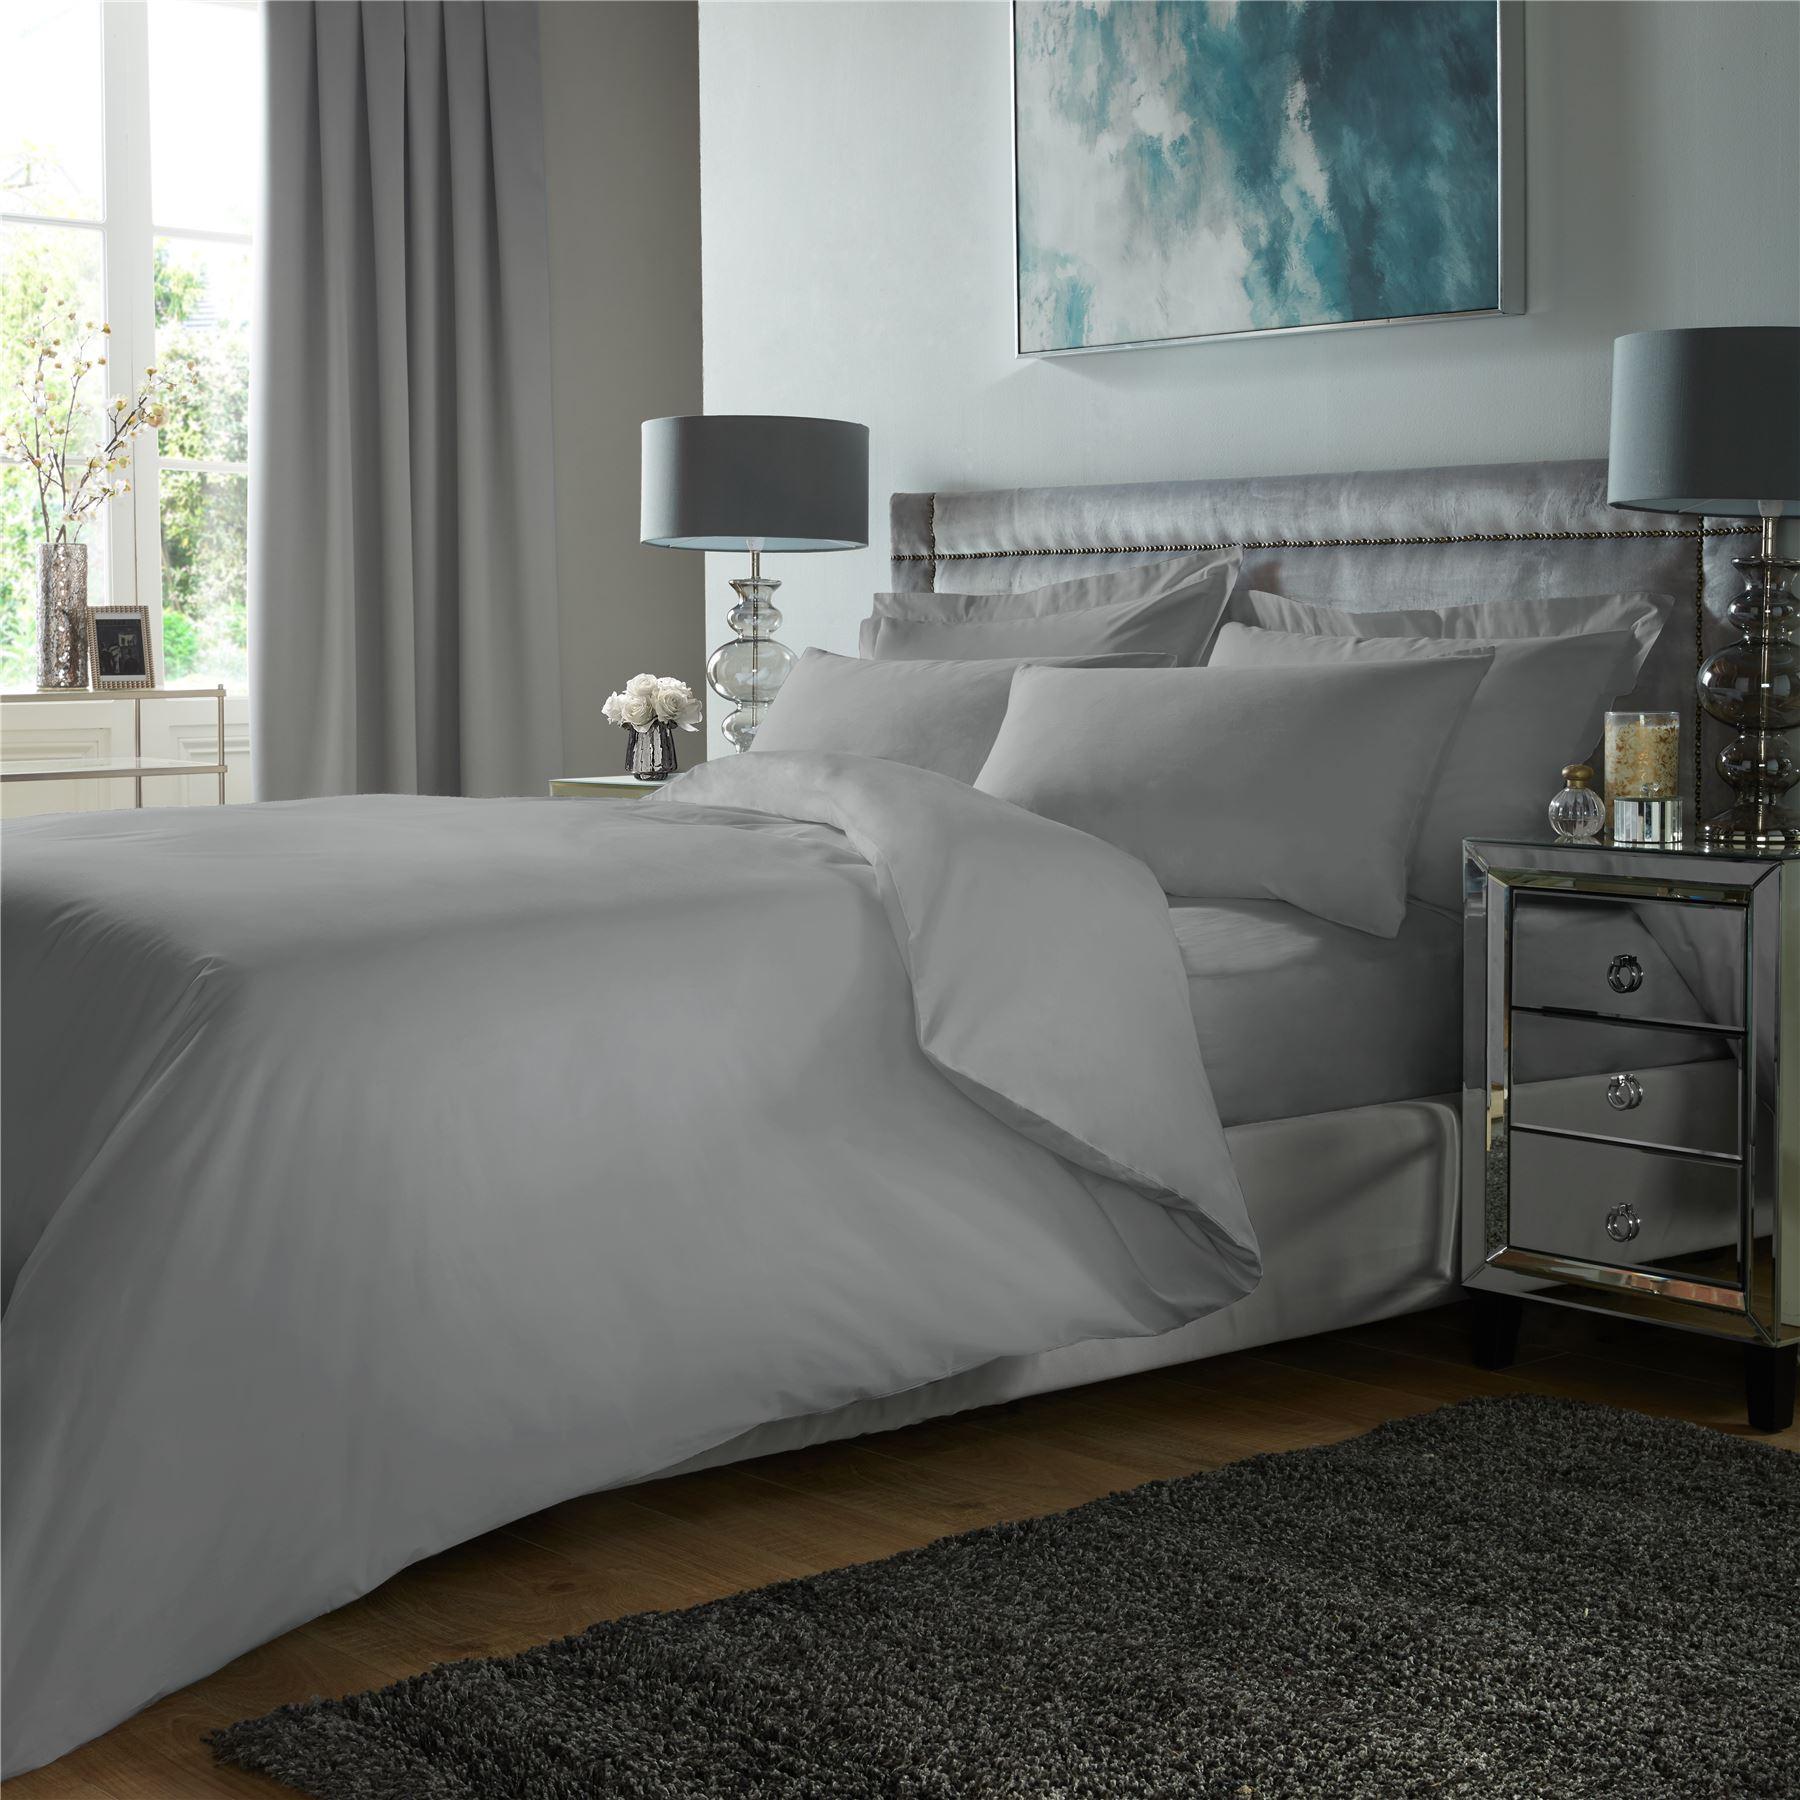 De-Lujo-400TC-conjunto-de-funda-de-edredon-100-Algodon-Egipcio-ropa-de-cama-funda-de-almohada-tenida miniatura 14